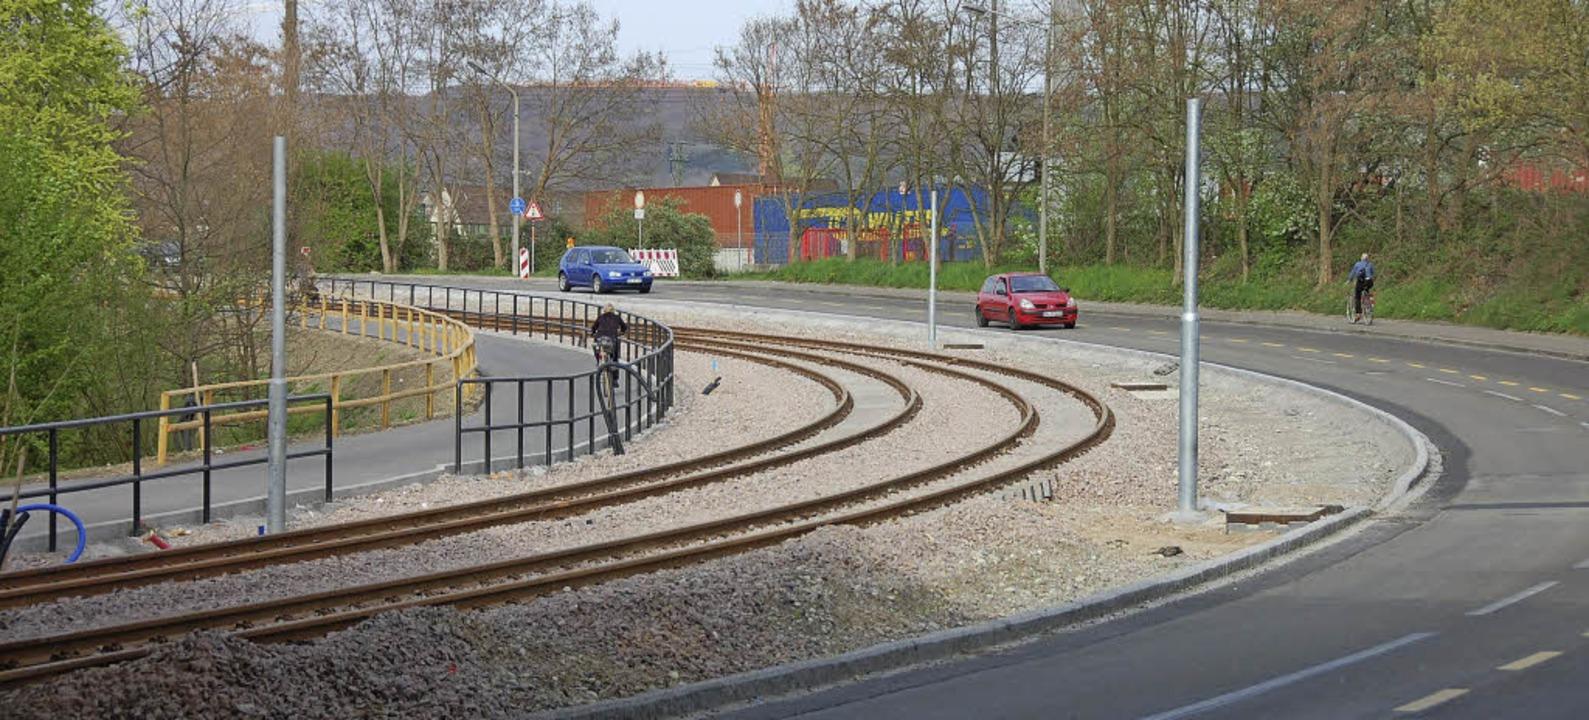 Die Verlängerung der Basler Tram nach ...lomerationsprogramm ermöglicht wurde.     Foto: Herbert Frey